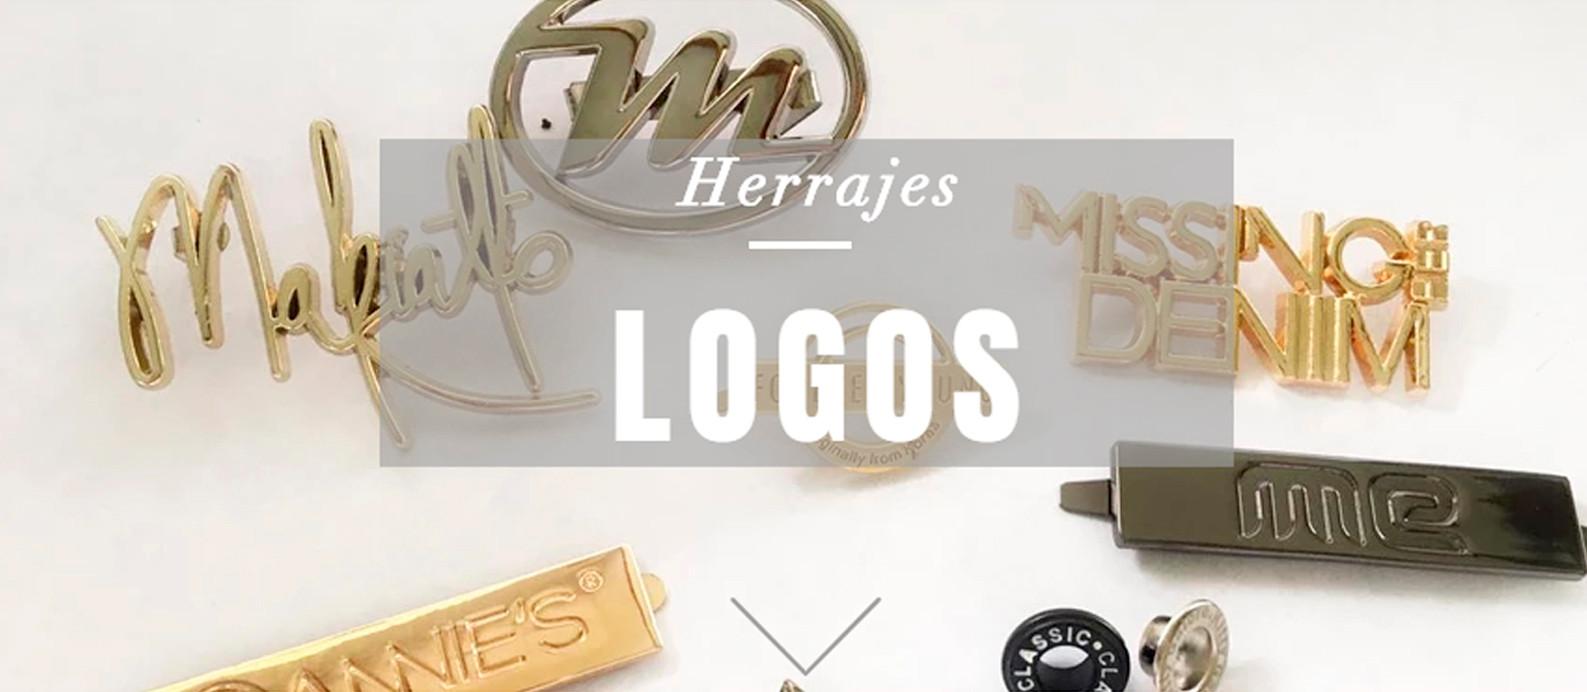 Logos y placas metálicos para ropa y carteras